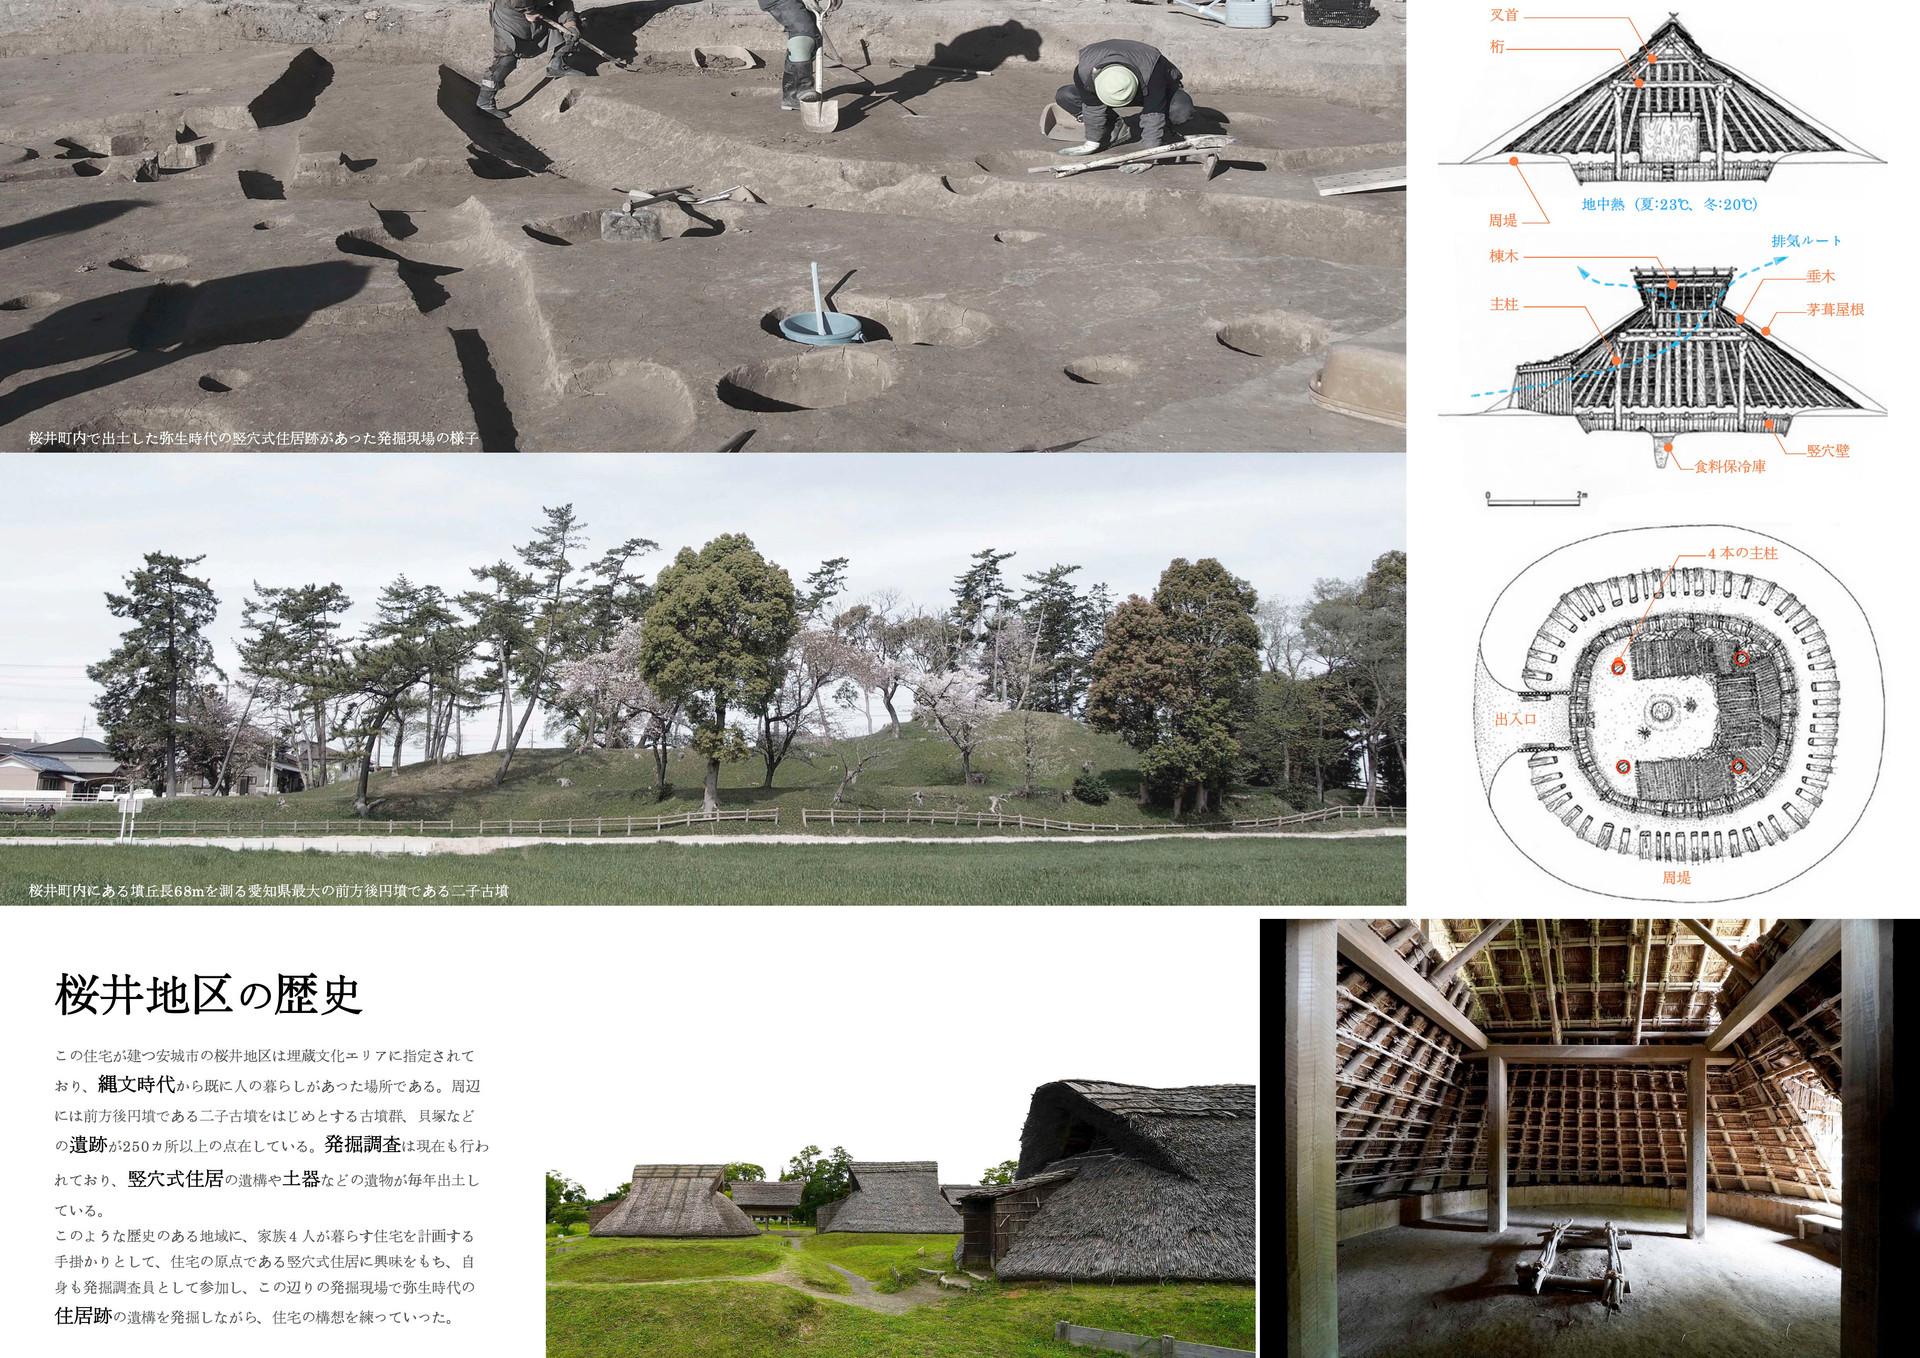 薬師田の住居02/岩間建築設計事務所.jpg